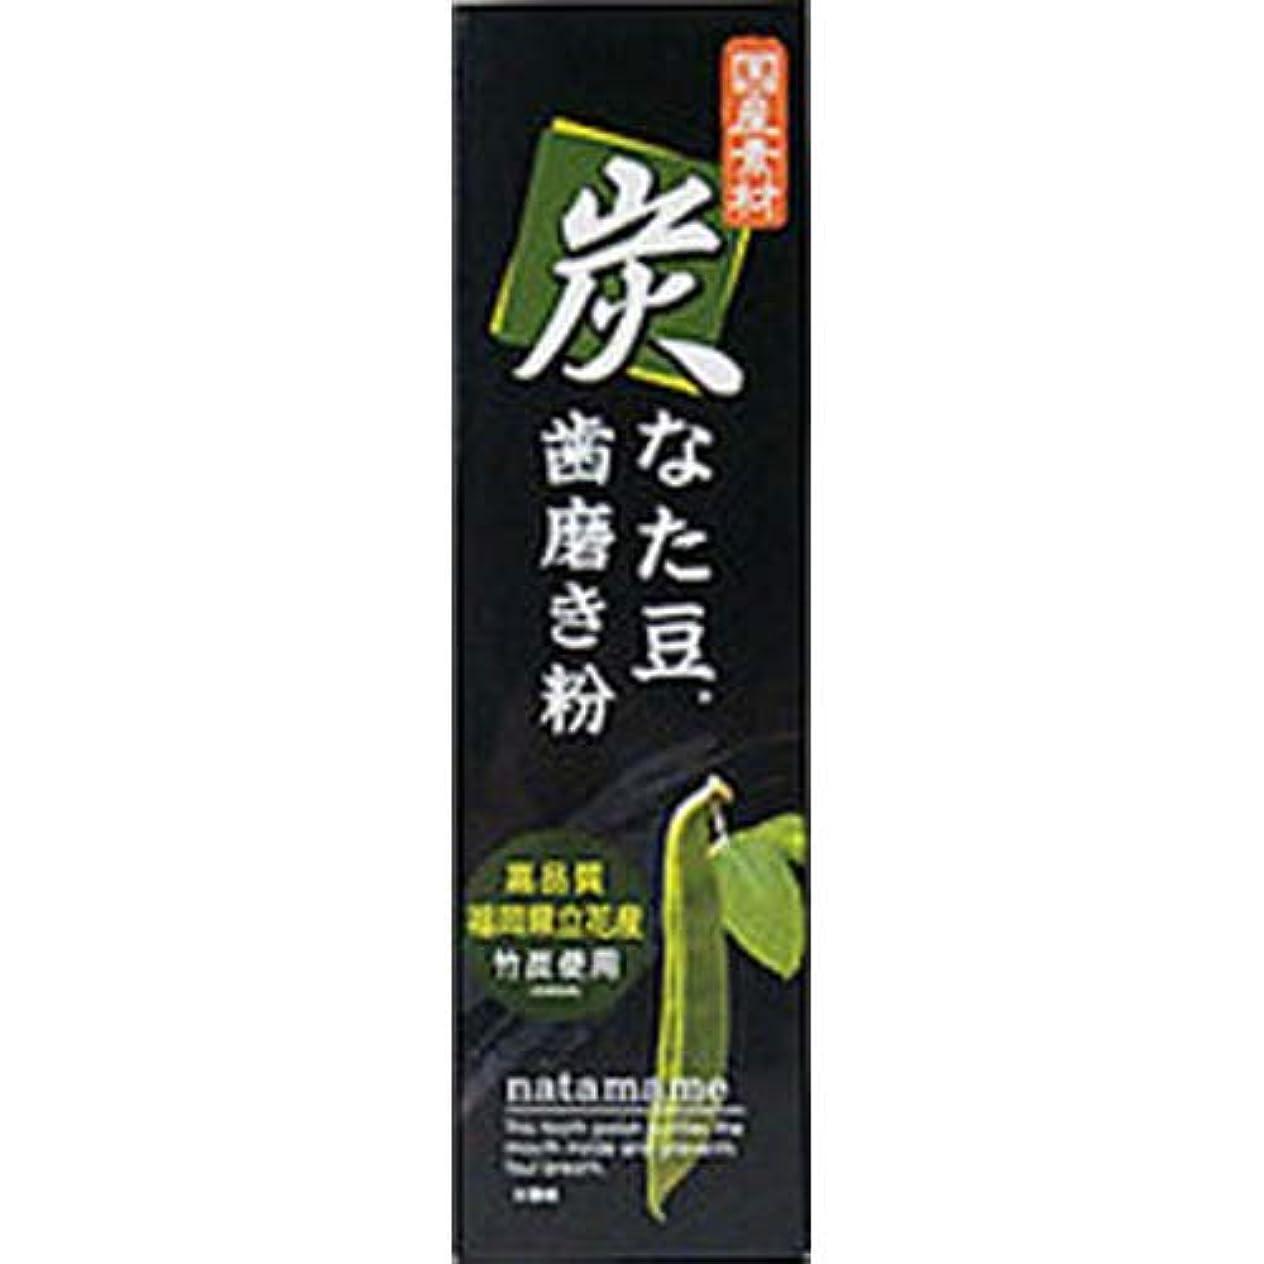 四半期レキシコン没頭する炭なた豆歯磨き粉 120g